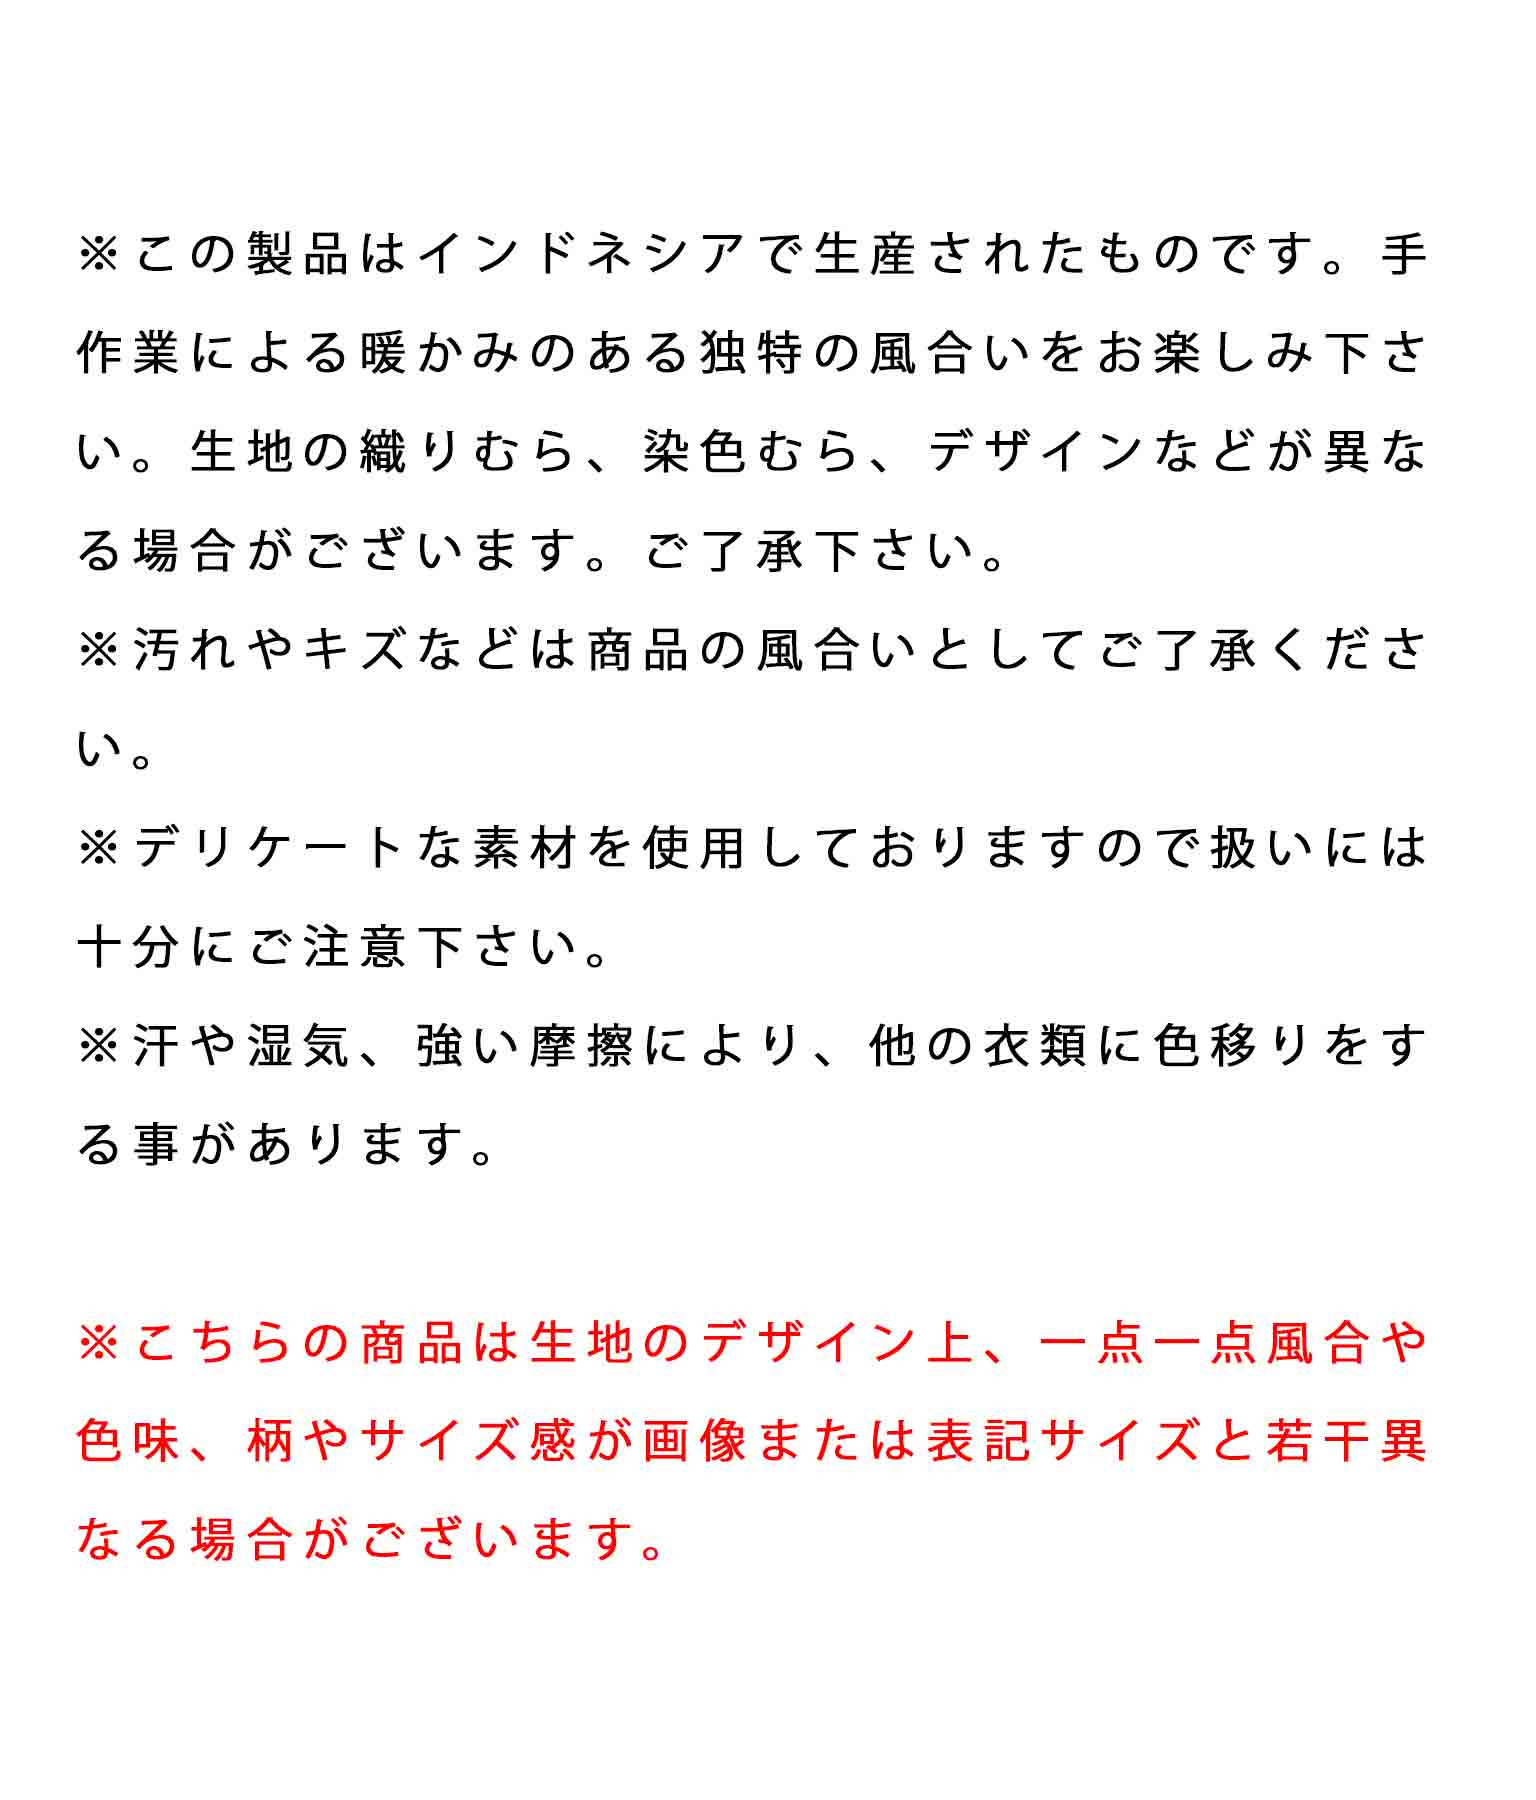 ネイティブデザインカゴバッグ(バッグ・鞄・小物/ハンドバッグ)   anap mimpi